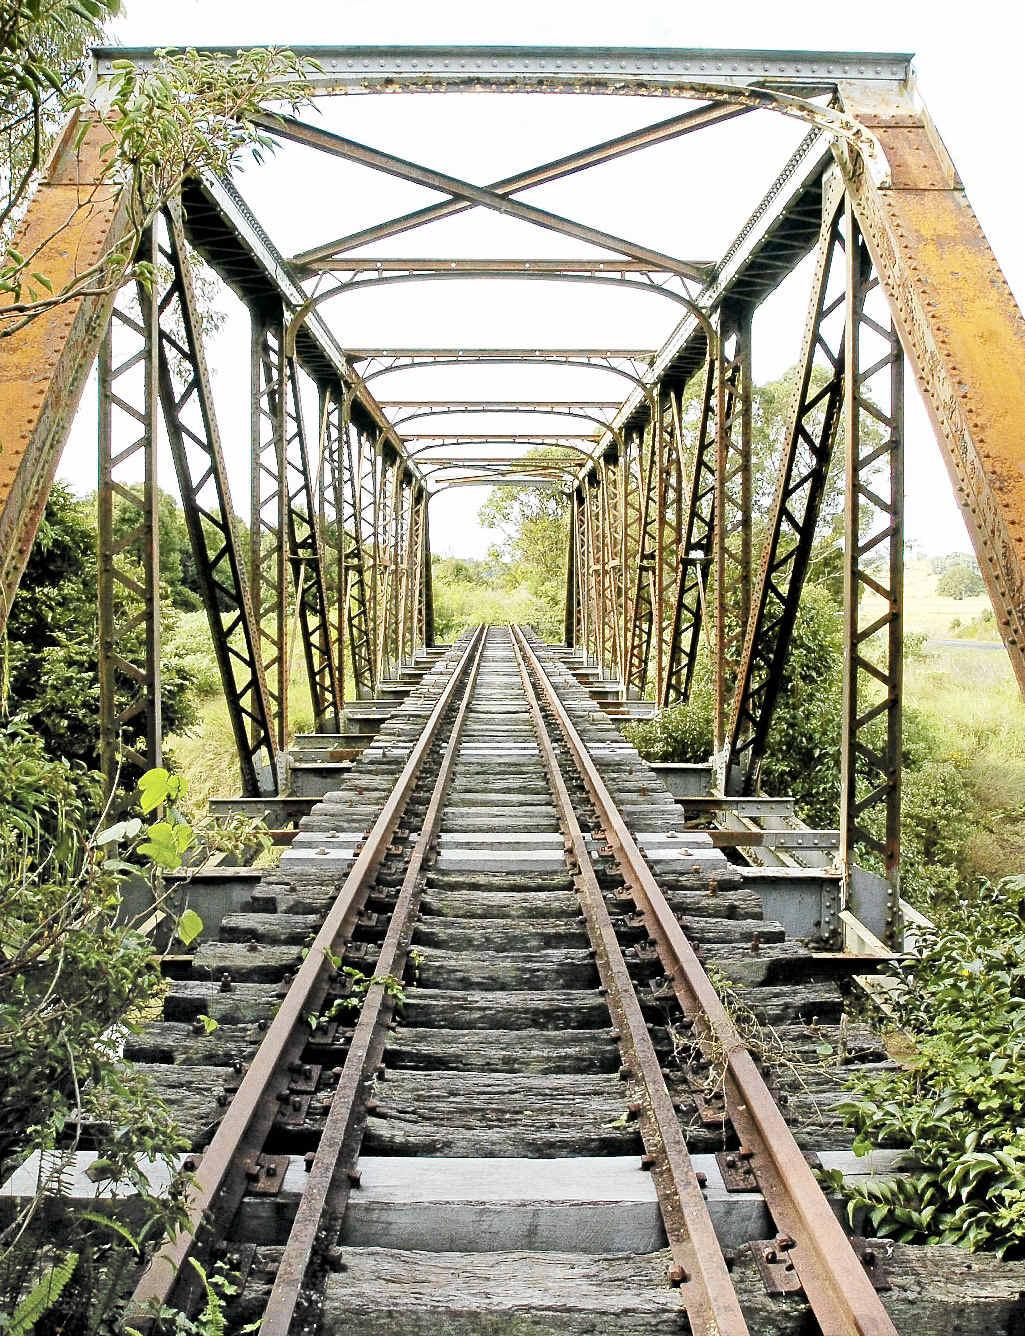 Eltham railway bridge.